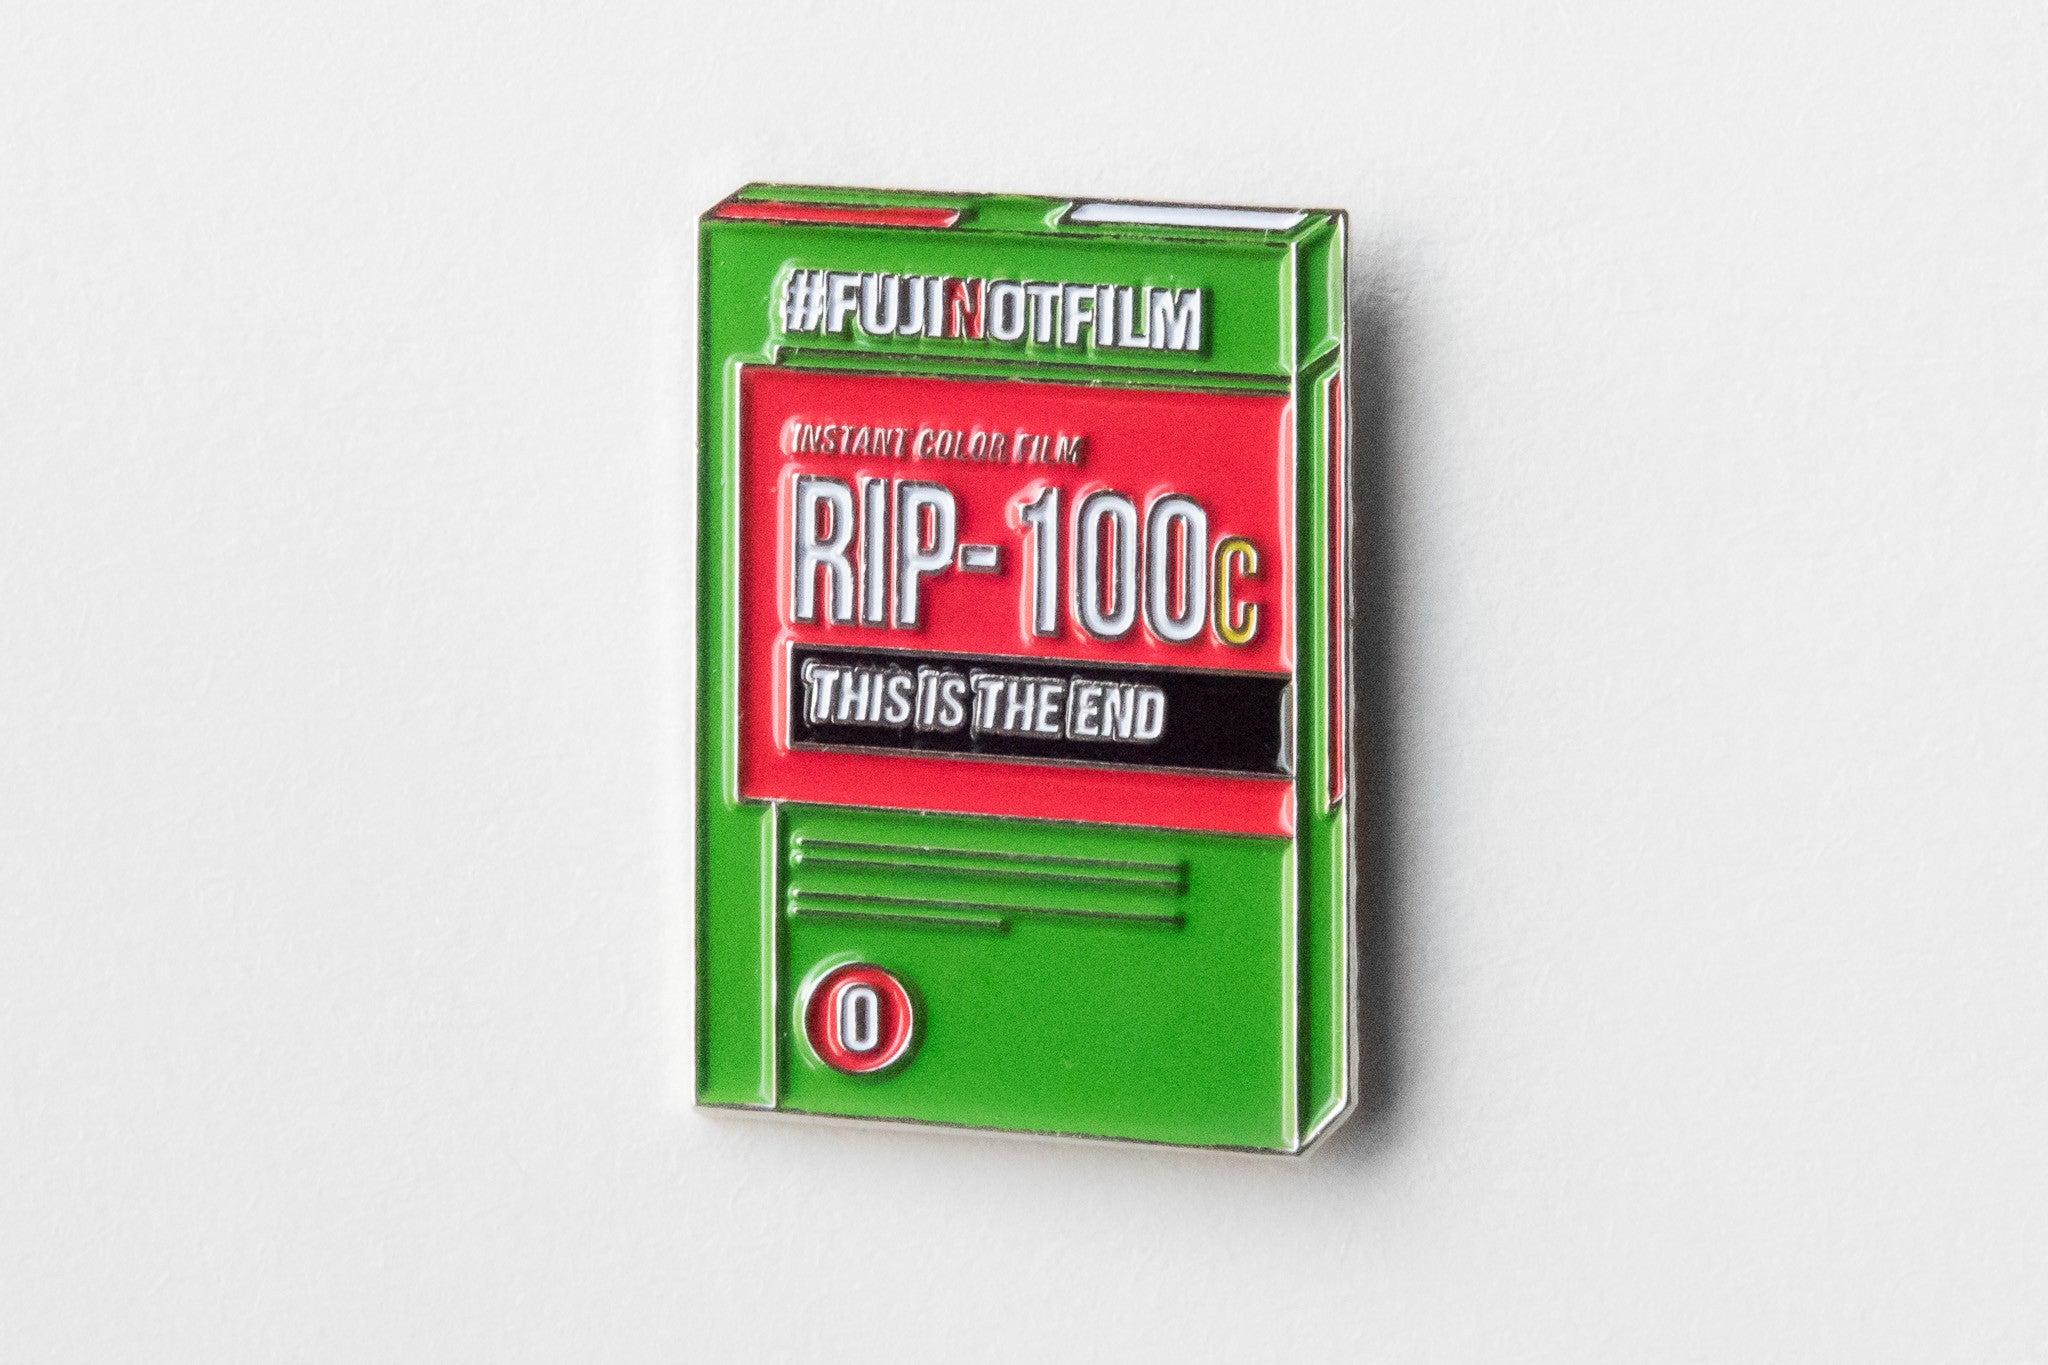 Shoot Film Co. fujifilm FP-100C Memorial Pin